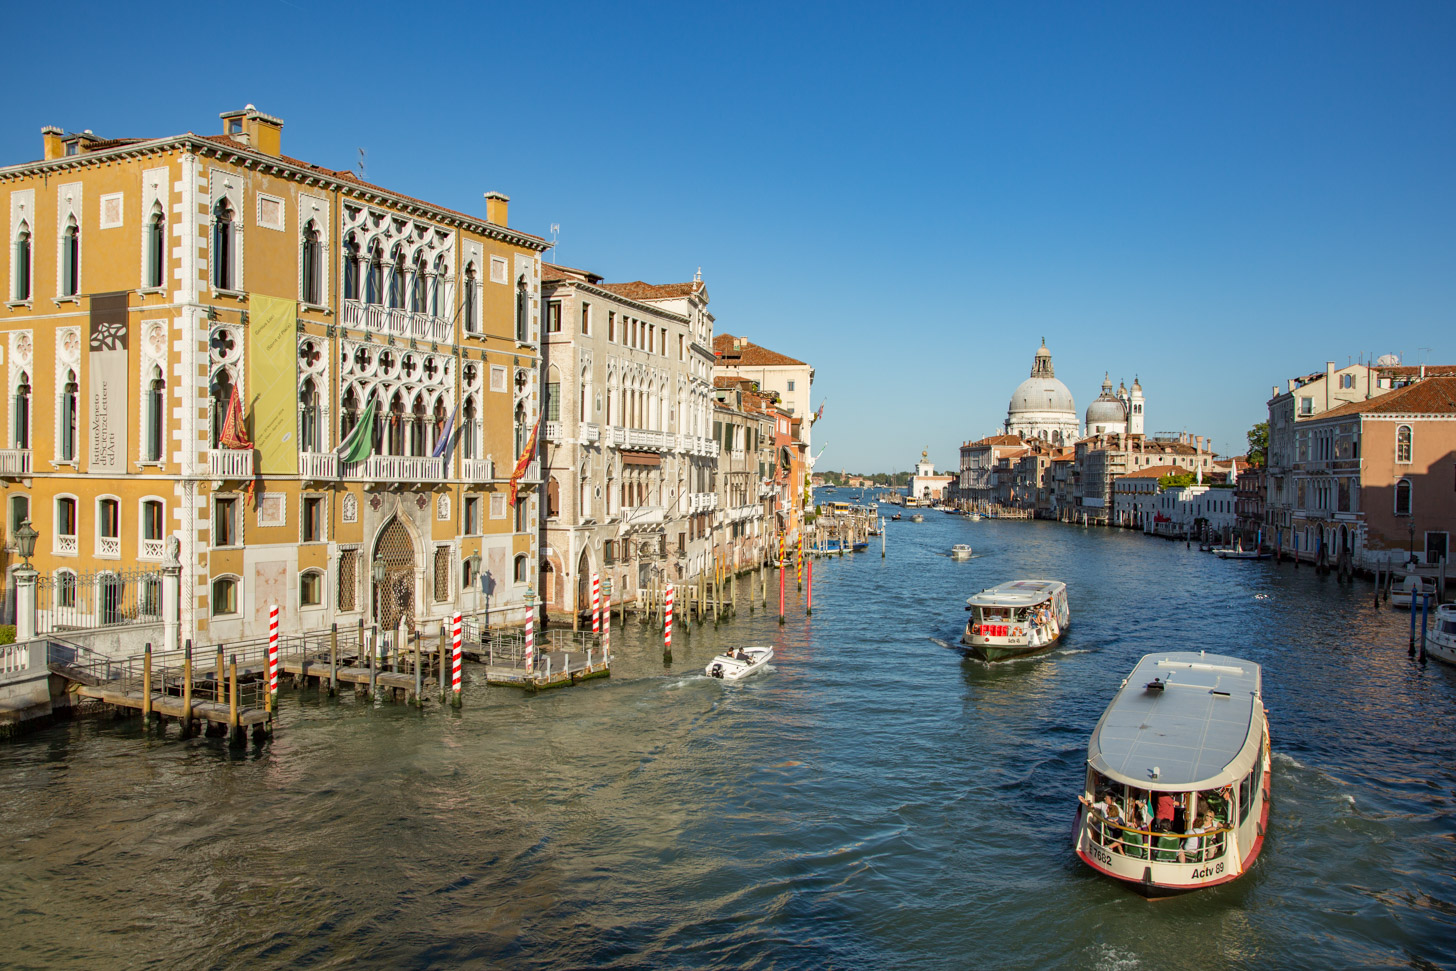 De kanalen van Venetië